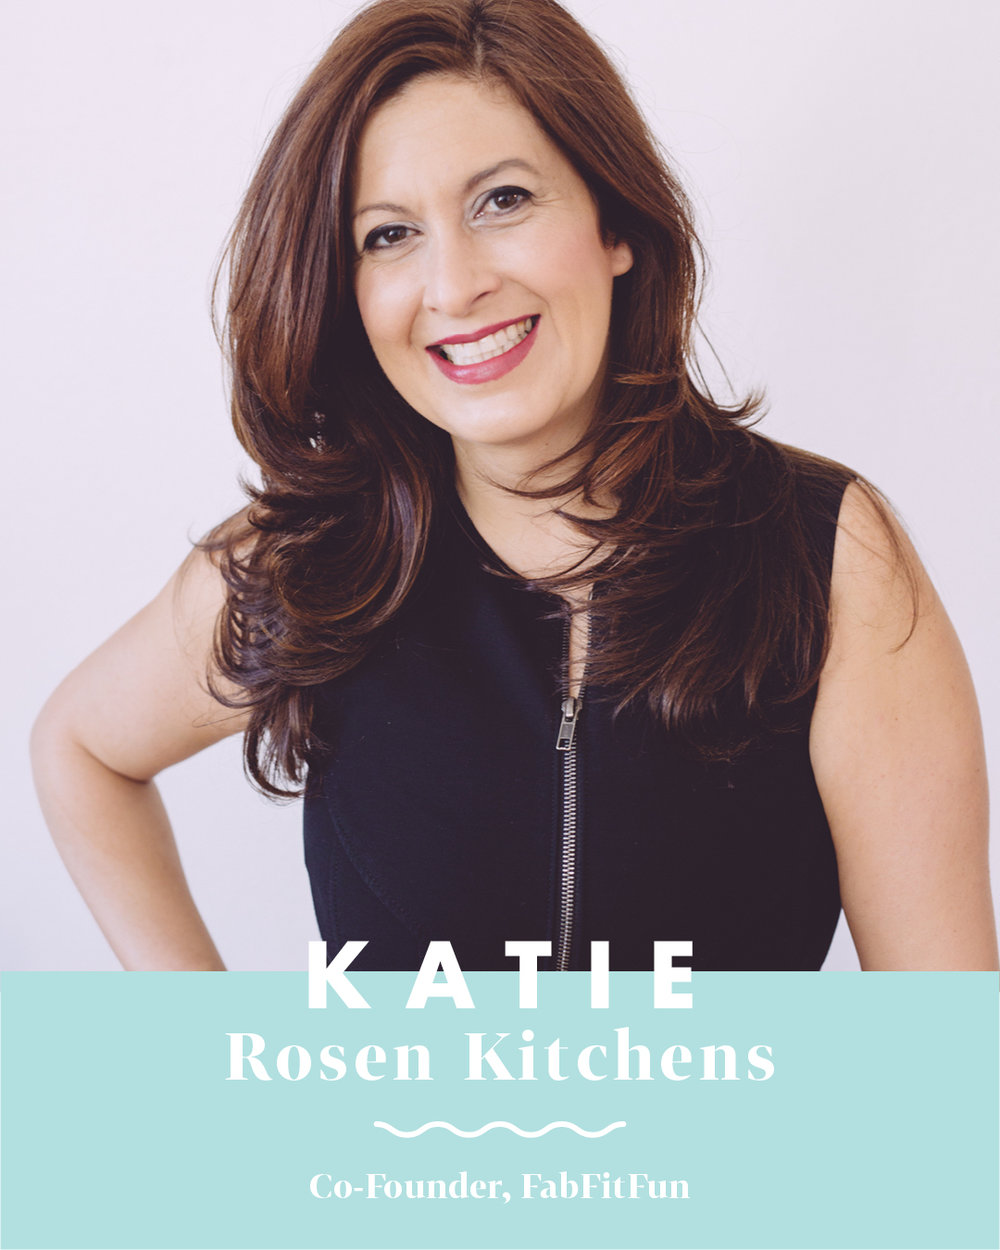 katie-rosen-kitchens.jpg